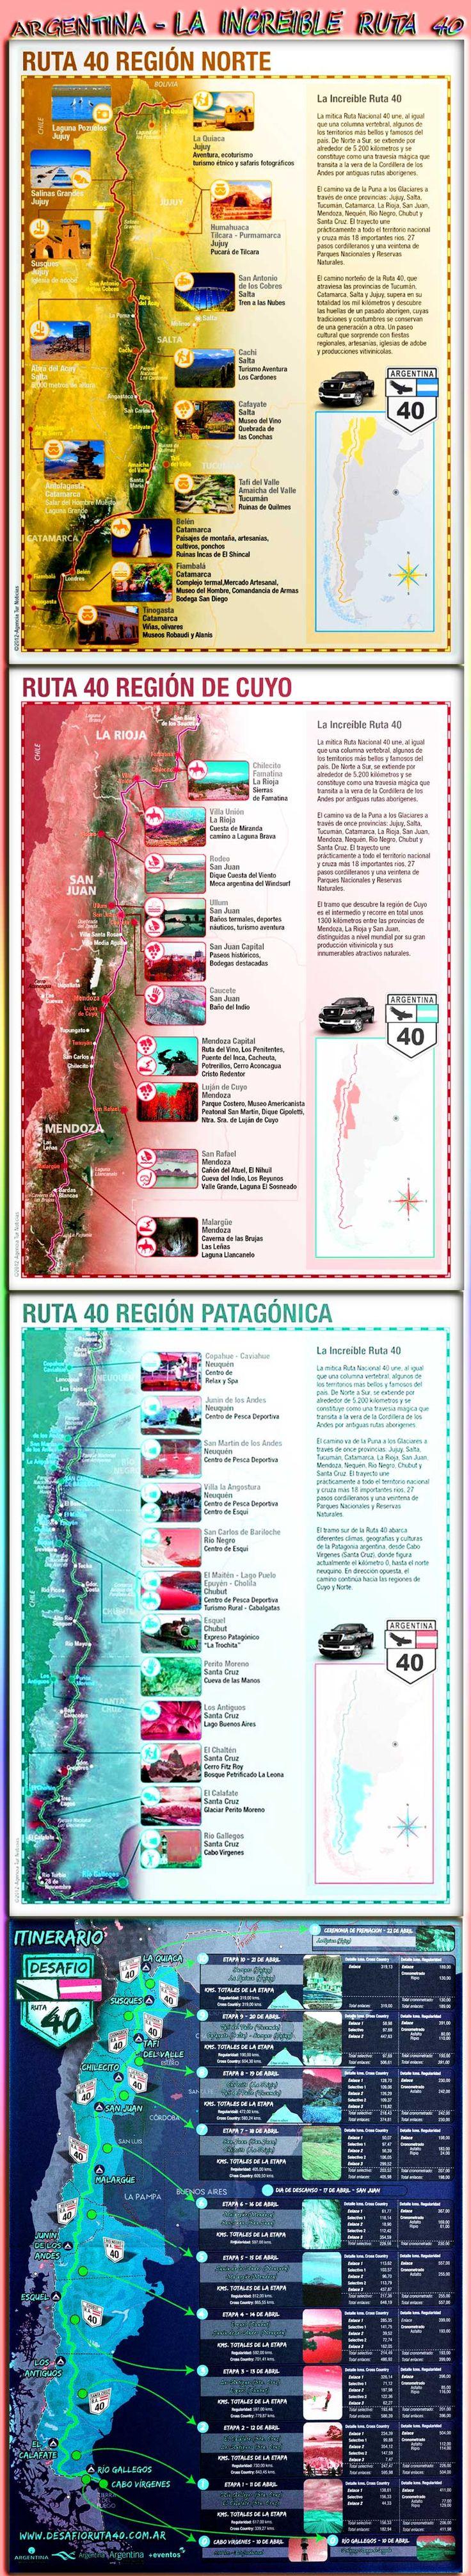 https://www.pinterest.com/avenidaazul - ARGENTINA - LA INCREIBLE RUTA 40 - 6.000 kilómetros por el legendario camino que atraviesa todo el país por el Oeste http://www.visitingargentina.com/ruta-40-6-000-kilometros-por-el-legendario-camino-que-atraviesa-todo-el-pais-por-el-oeste-infografias/ - http://www.visitingargentina.com/ - http://blog.argentravel.es/la-mitica-ruta-40-en-argentina - http://www.argentravel.es - https://www.flickr.com/photos/avenidaazul/8051294376/